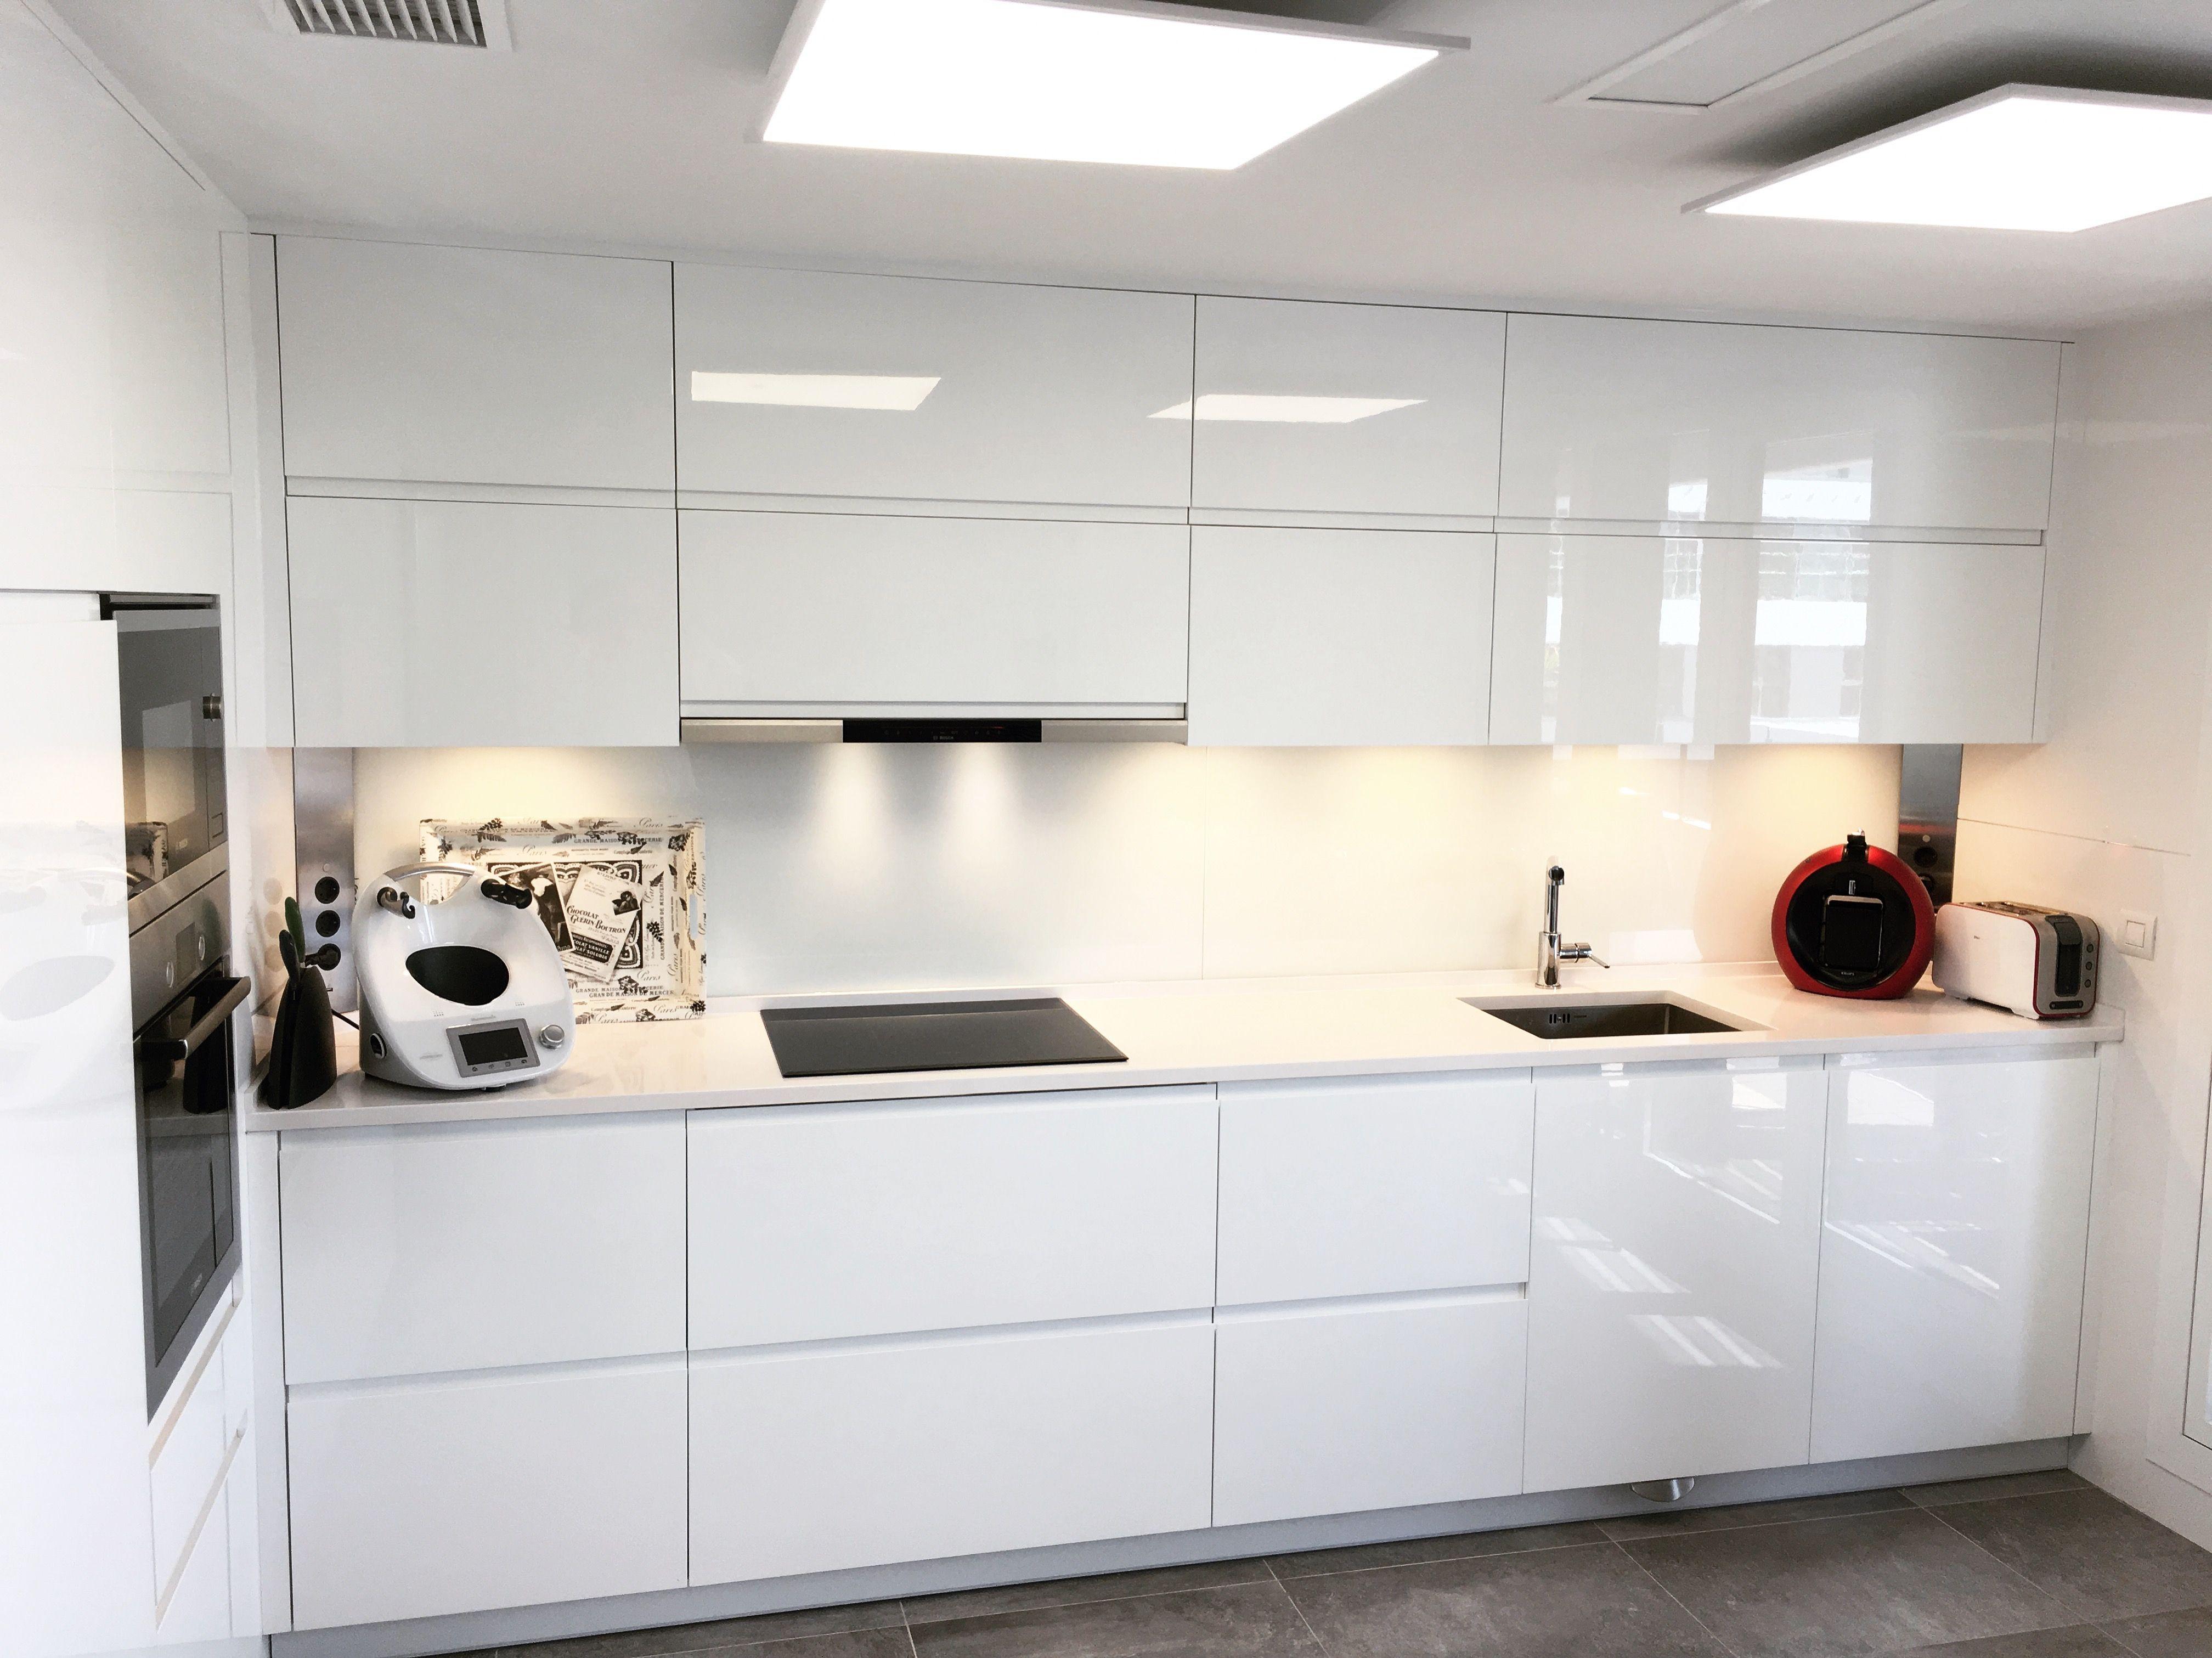 Cocina Lacada En Blanco Brillo Puertas Sin Tiradores Con Unero Hecho En Los Frentes Encim Decoracion De Cocina Moderna Decoracion De Cocina Diseno De Cocina